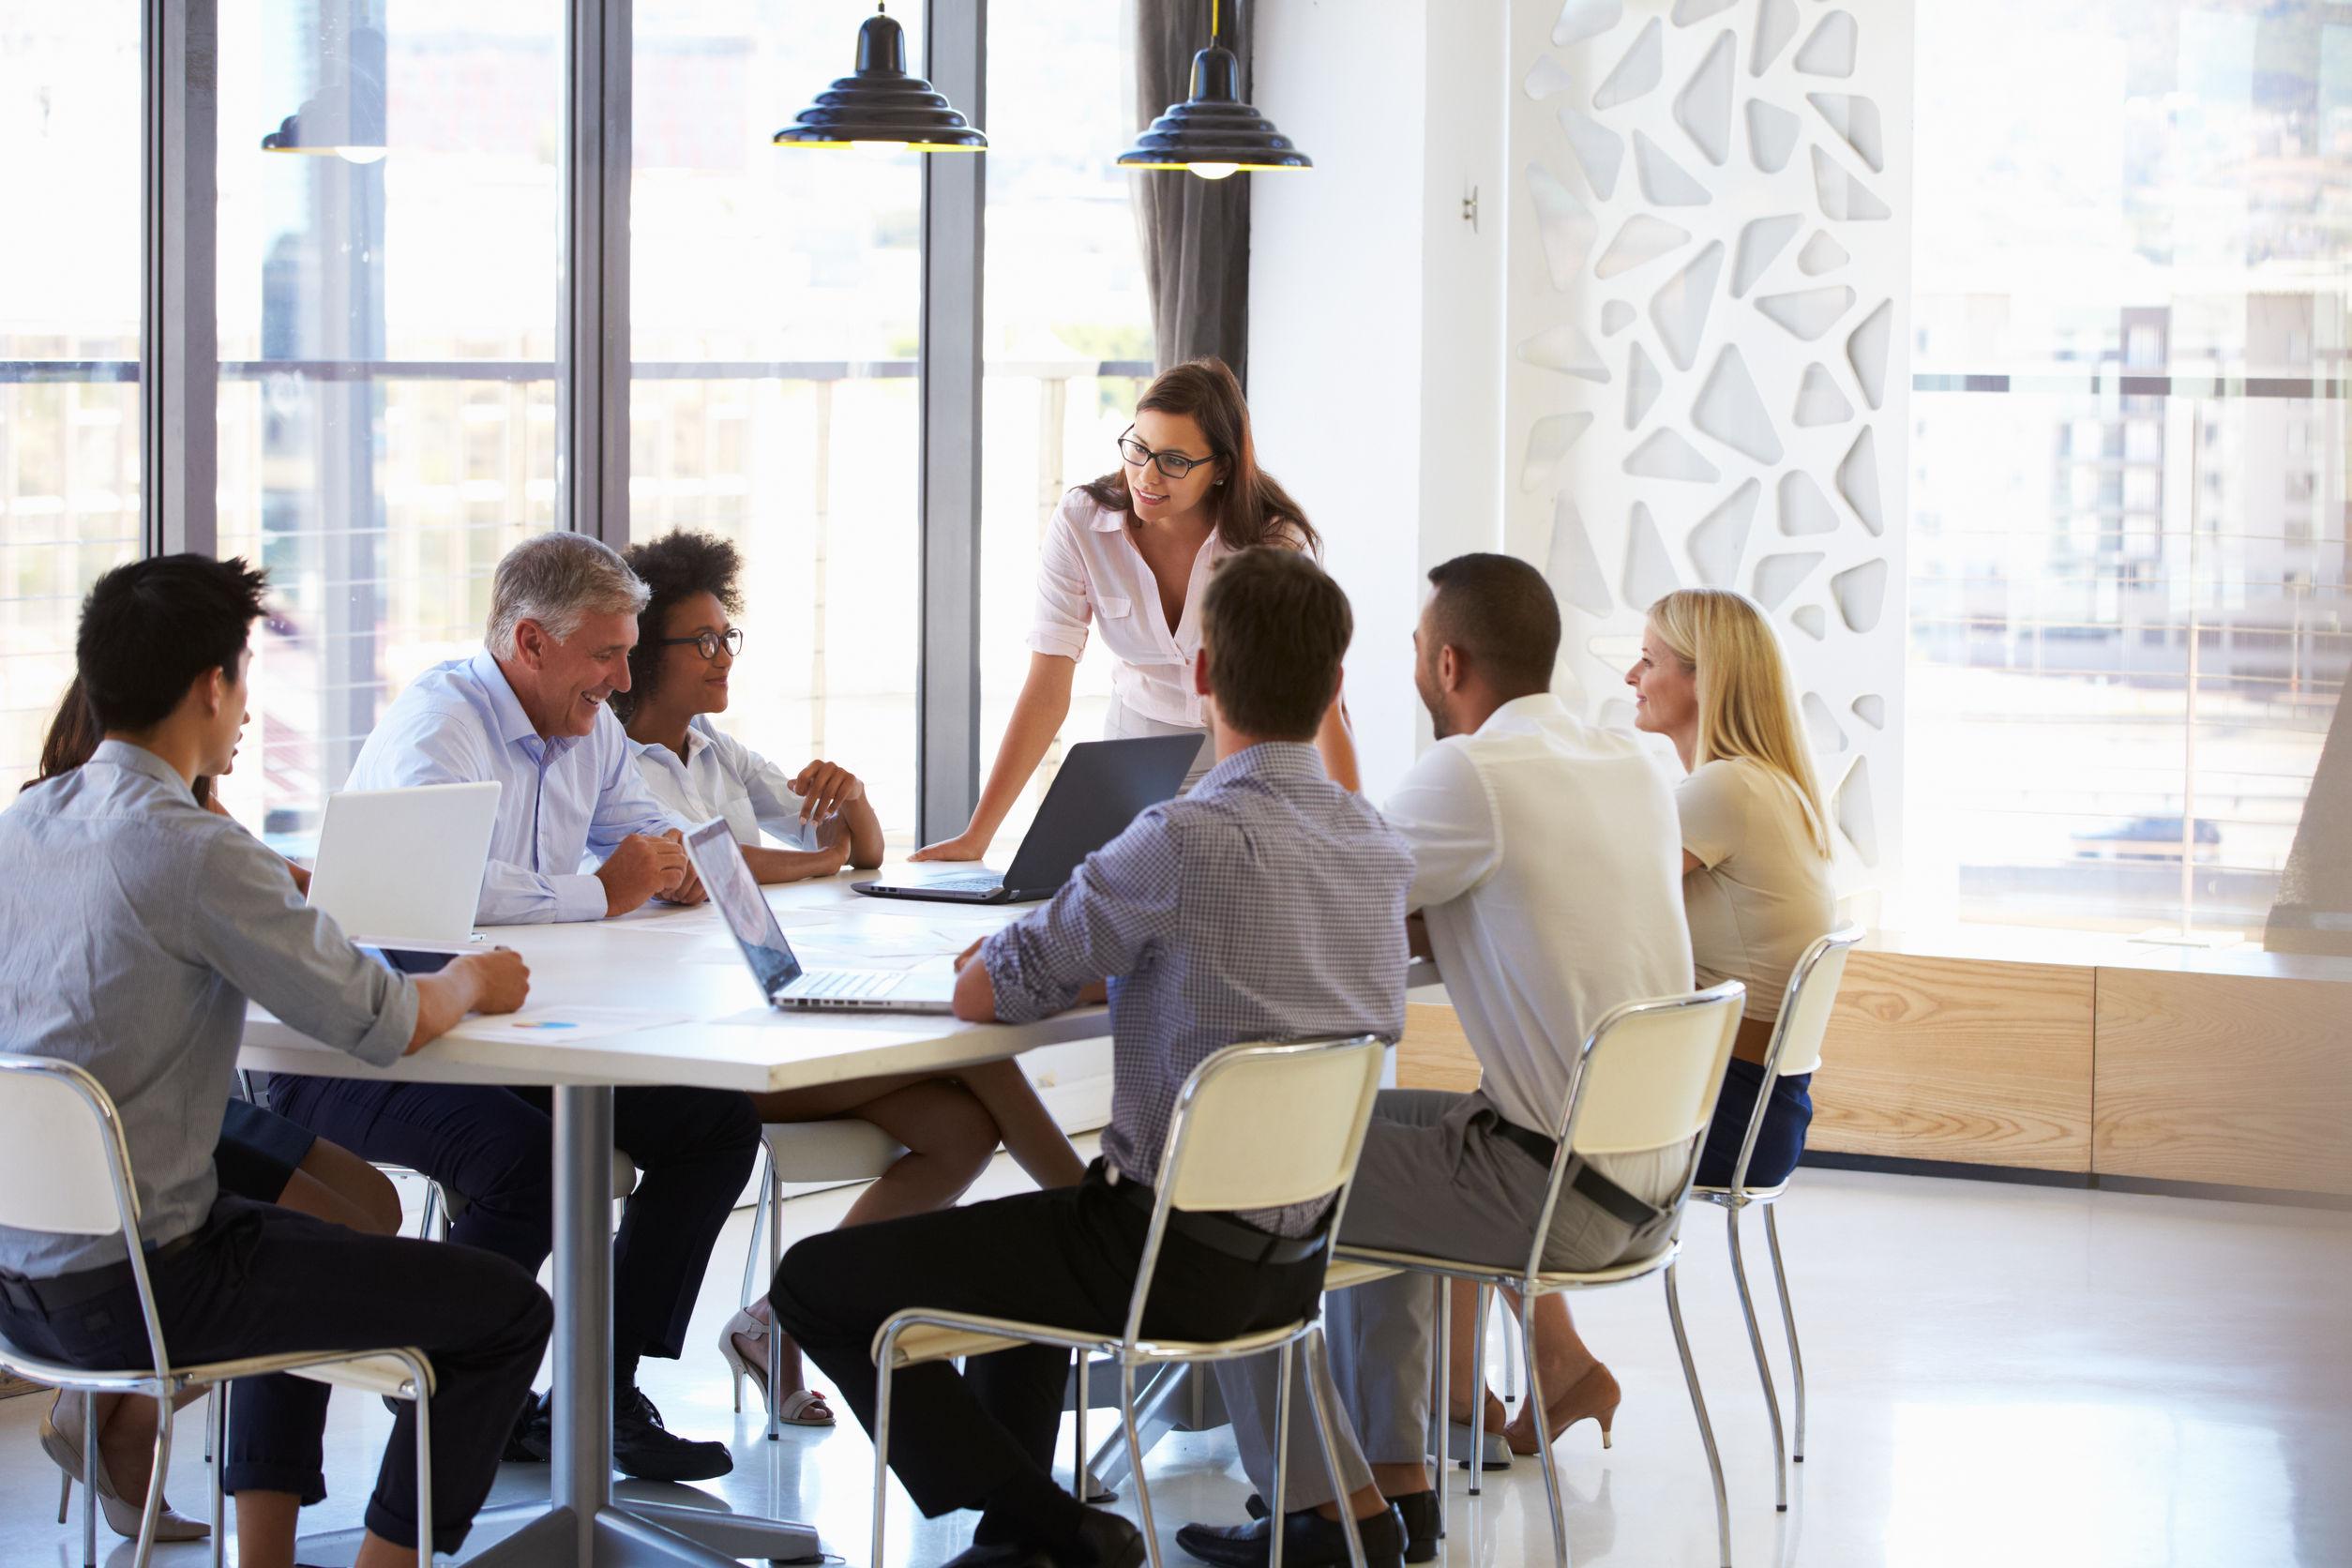 Konferenzraum mit Menschen